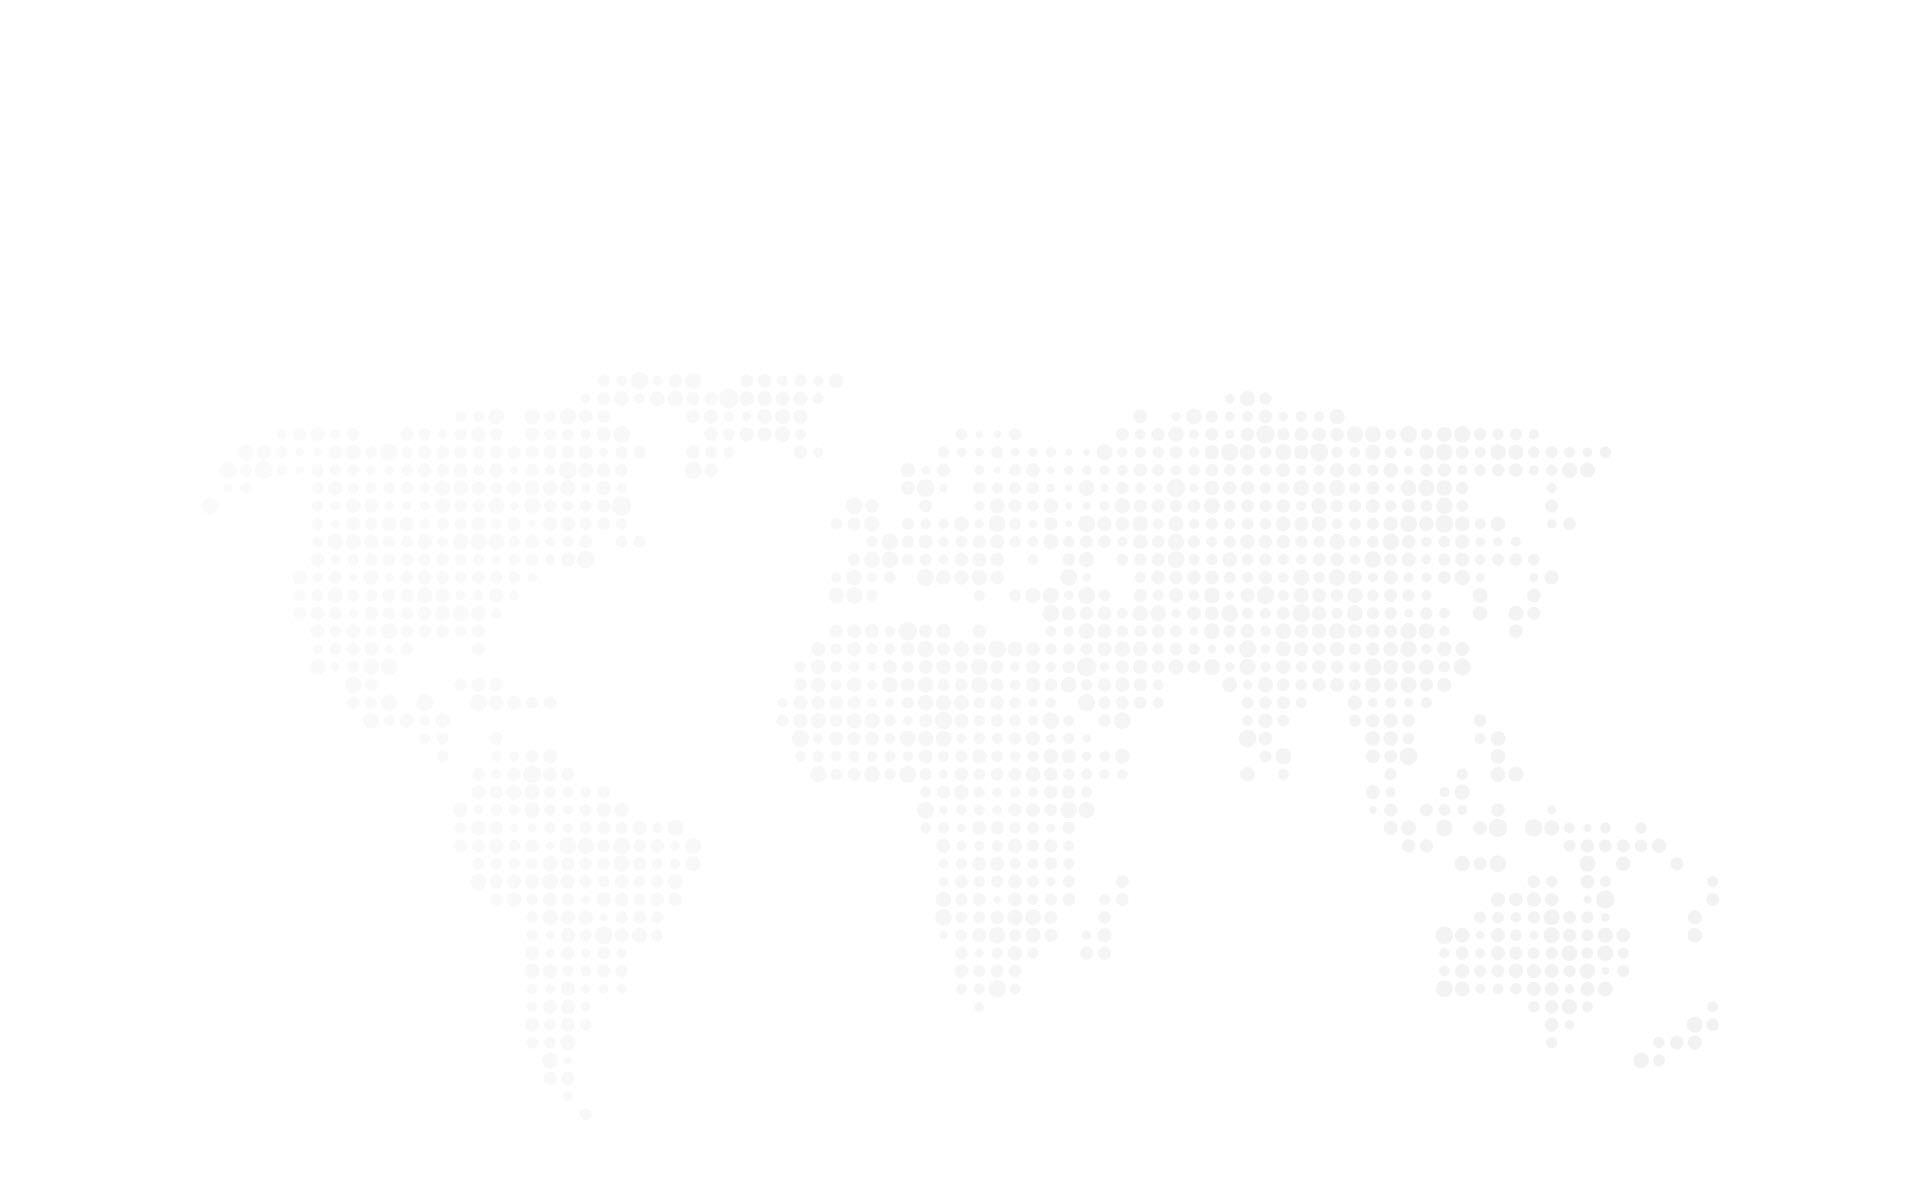 Hình nền trắng bản đồ thế giới